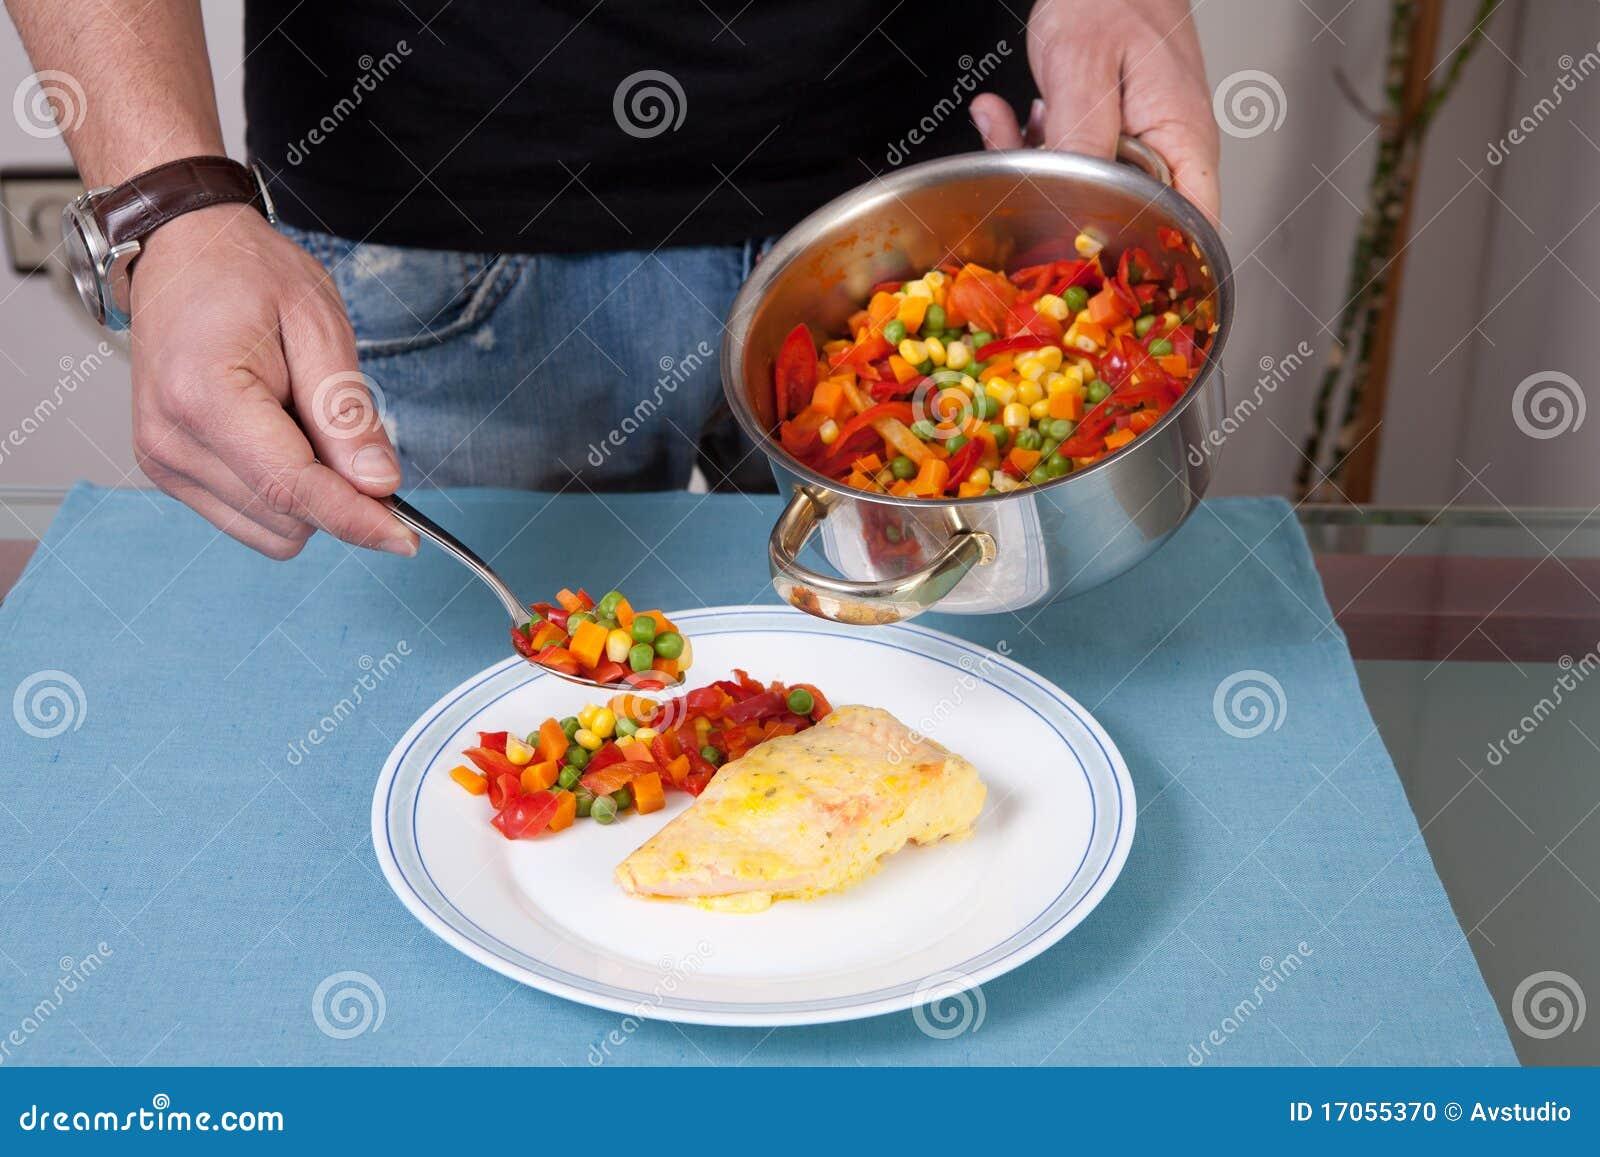 Άτομο που διακοσμεί ένα γεύμα